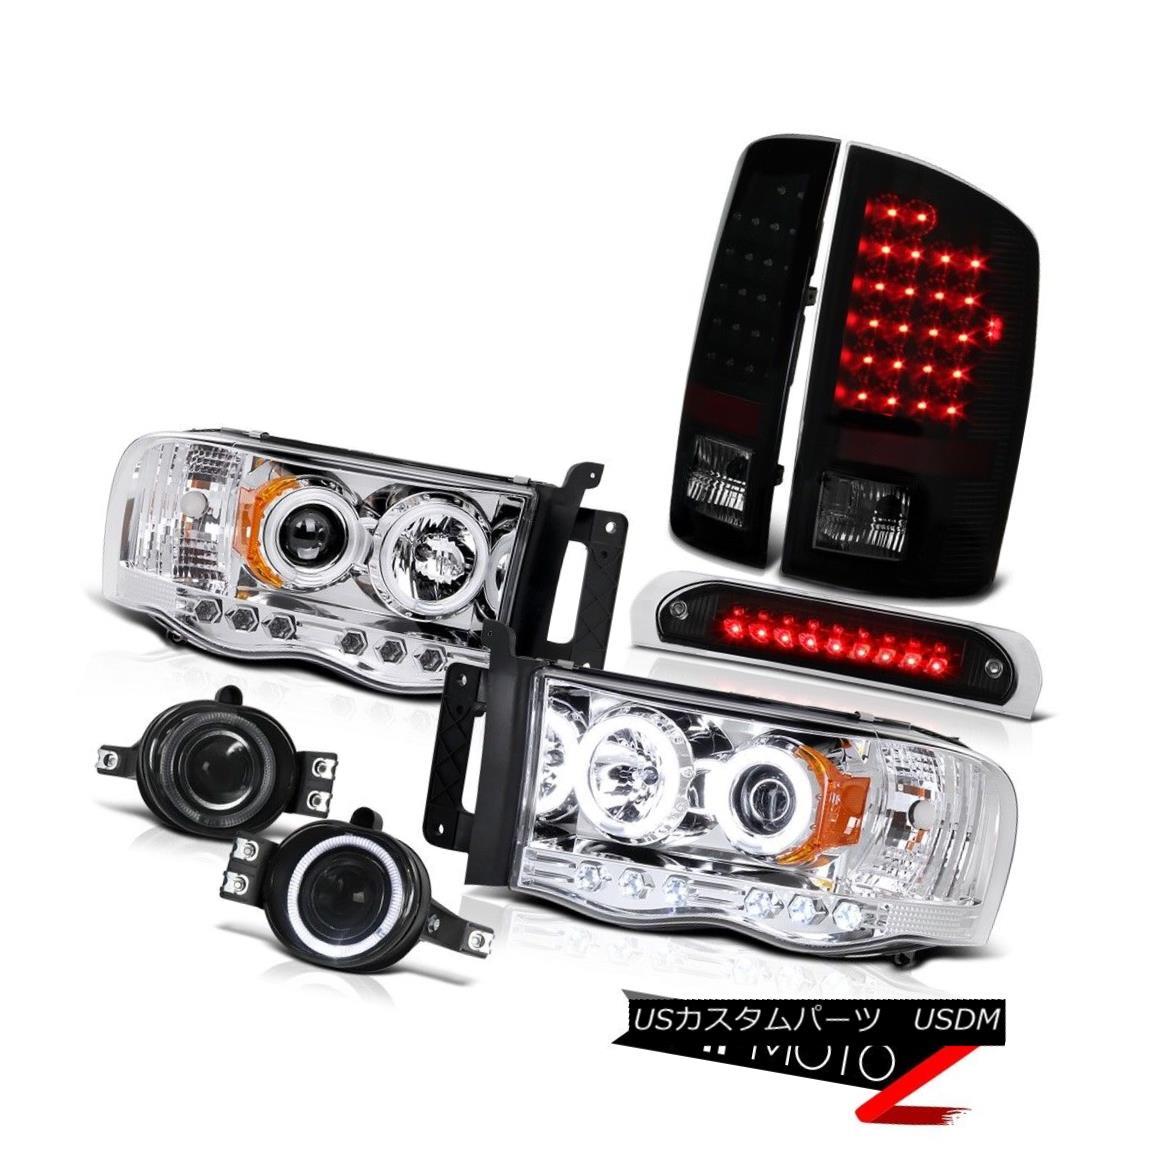 テールライト Devil's CCFL Rim Headlights Rear Taillights Fog High LED 2002-2005 Ram PowerTech 悪魔のCCFLリムヘッドライトリアタイヤライトフォグハイLED 2002-2005 Ram PowerTech